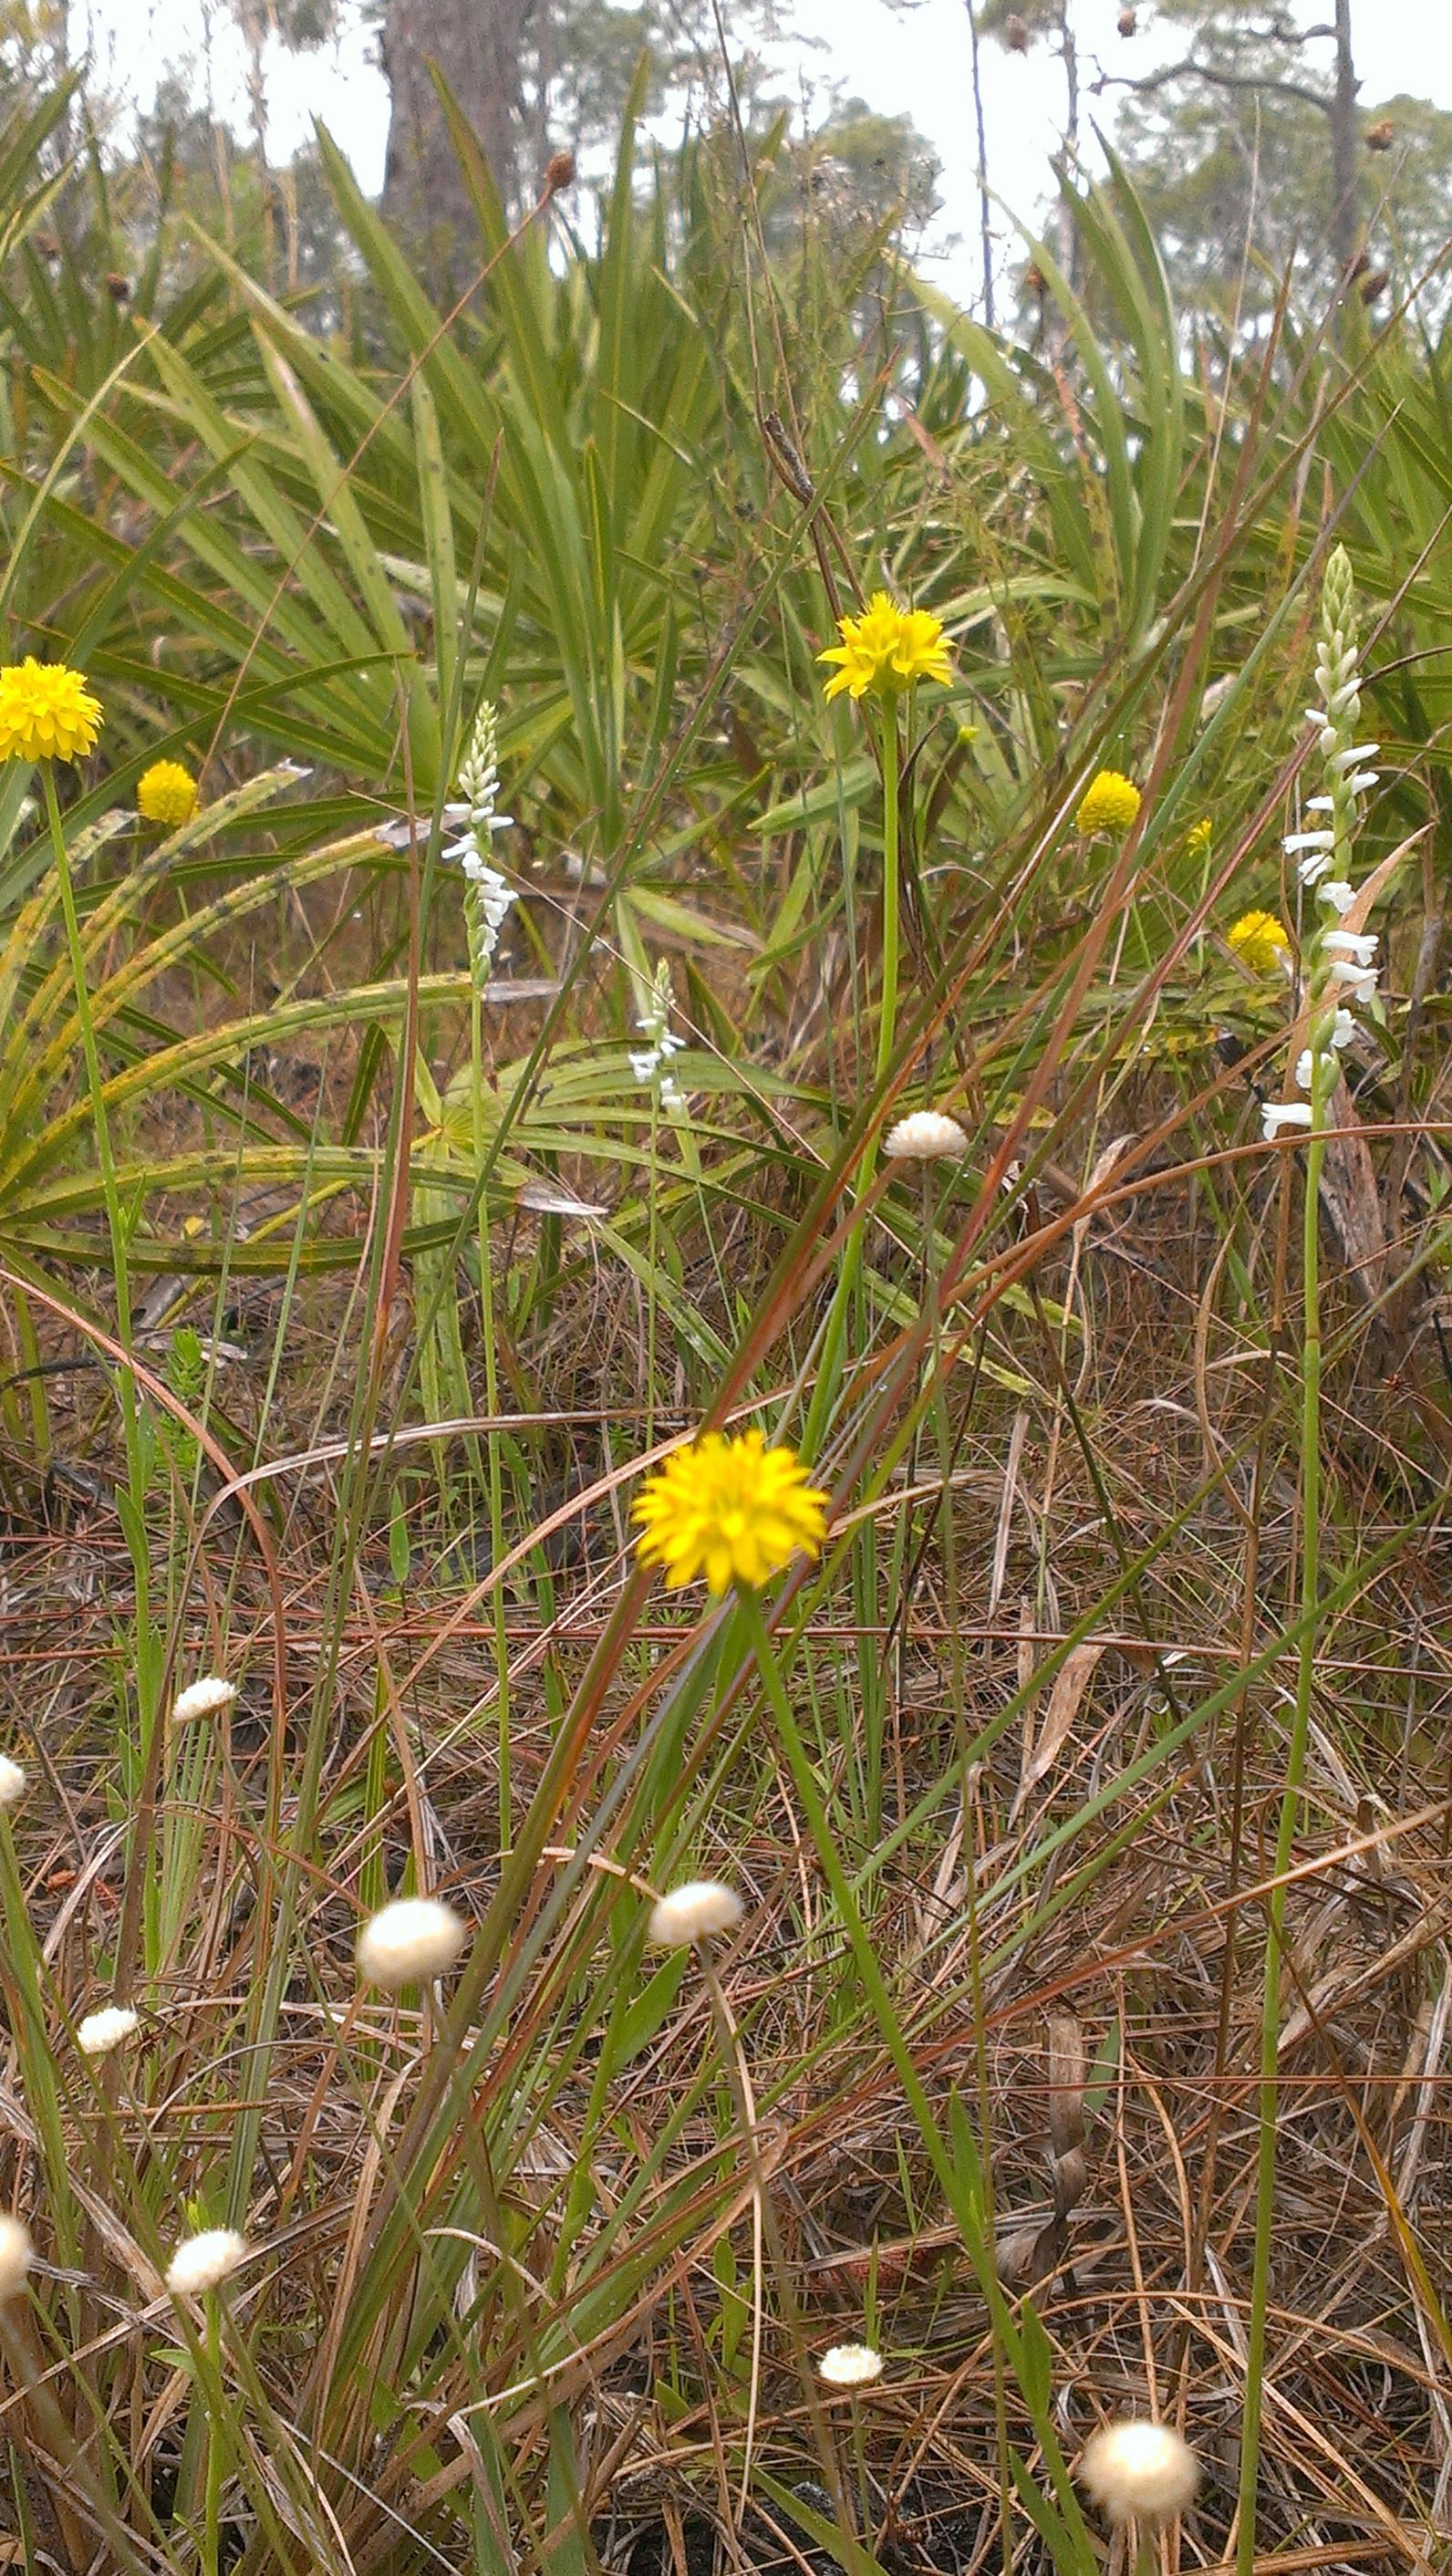 Explore Corkscrews Pine Flatwoods Audubon Corkscrew Swamp Sanctuary